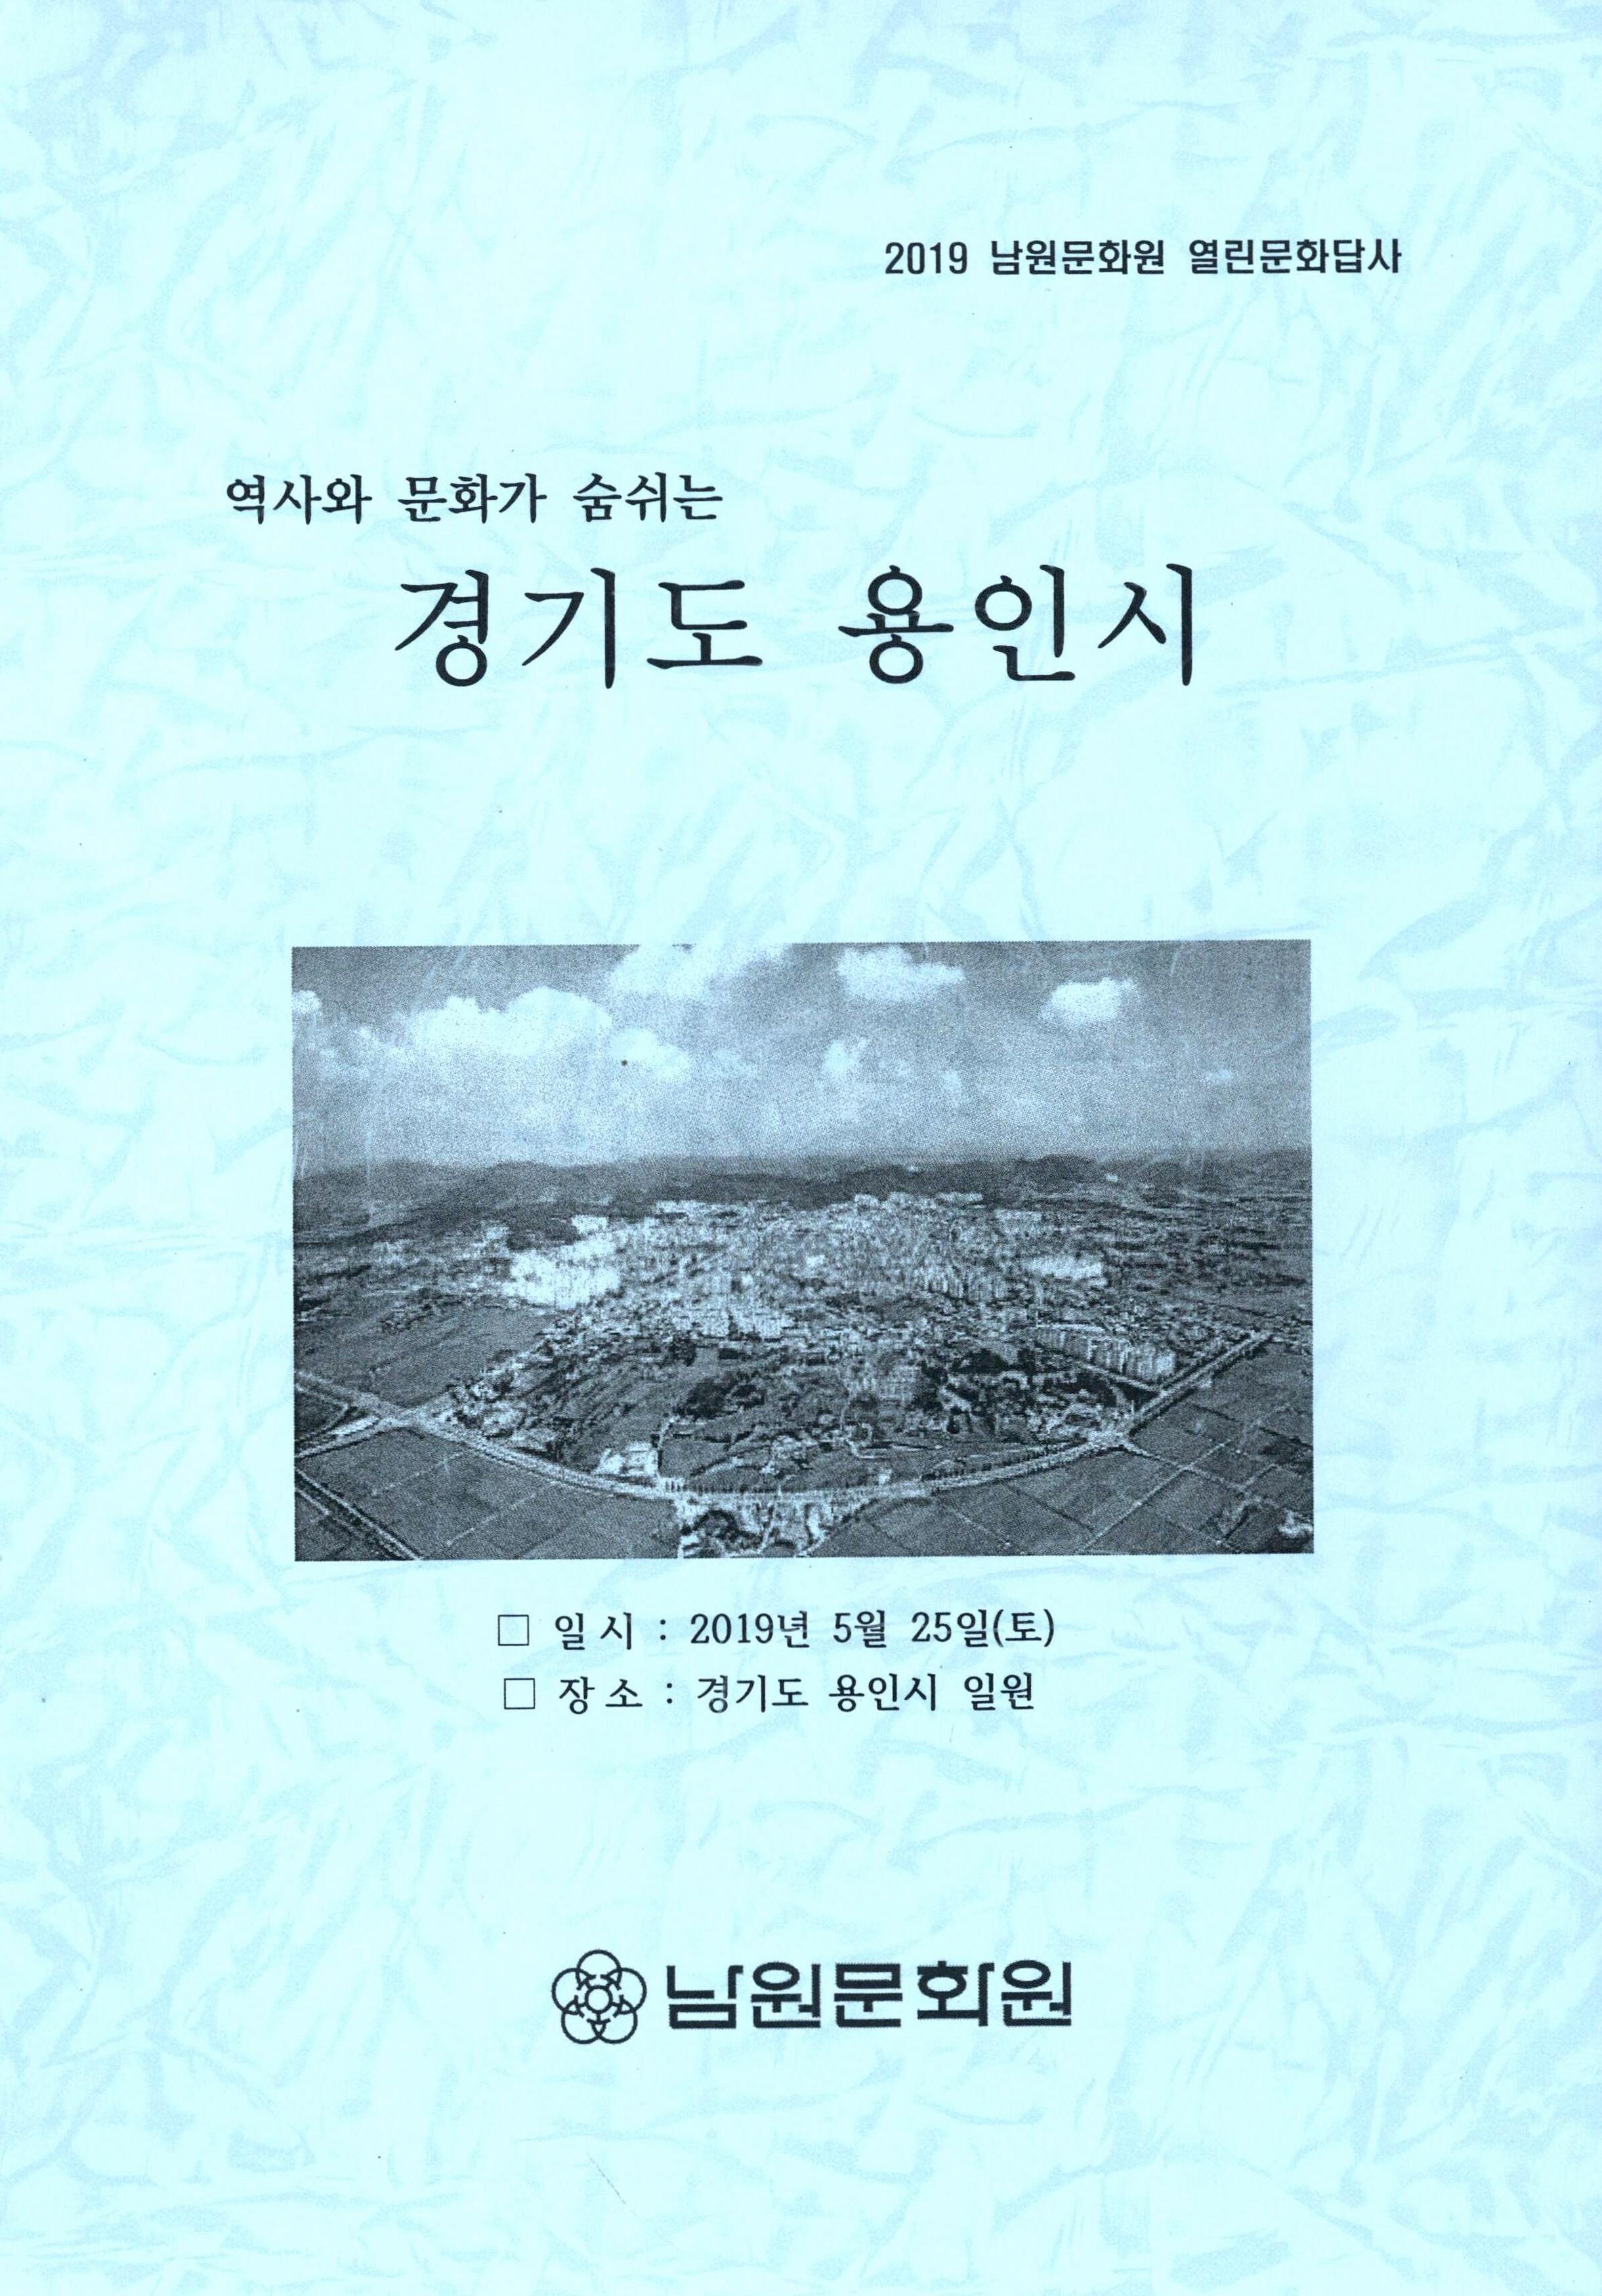 2019 남원문화원 열린문화답사 역사와 문화가 숨쉬는 경기도 용인시